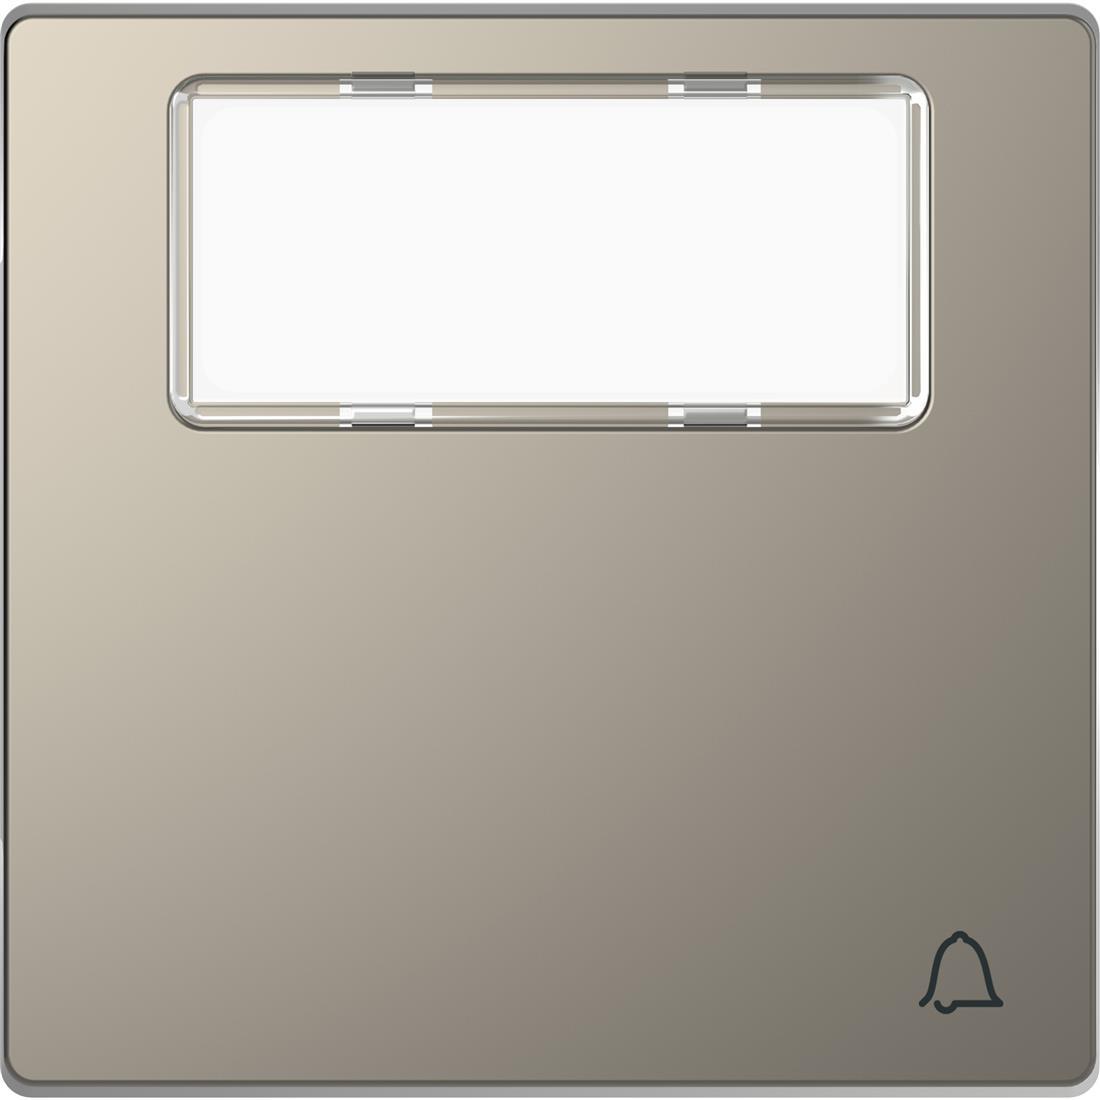 Schneider-Merten D Life wisselwip met informatieveld - nikkel metallic (MTN3365-6050)